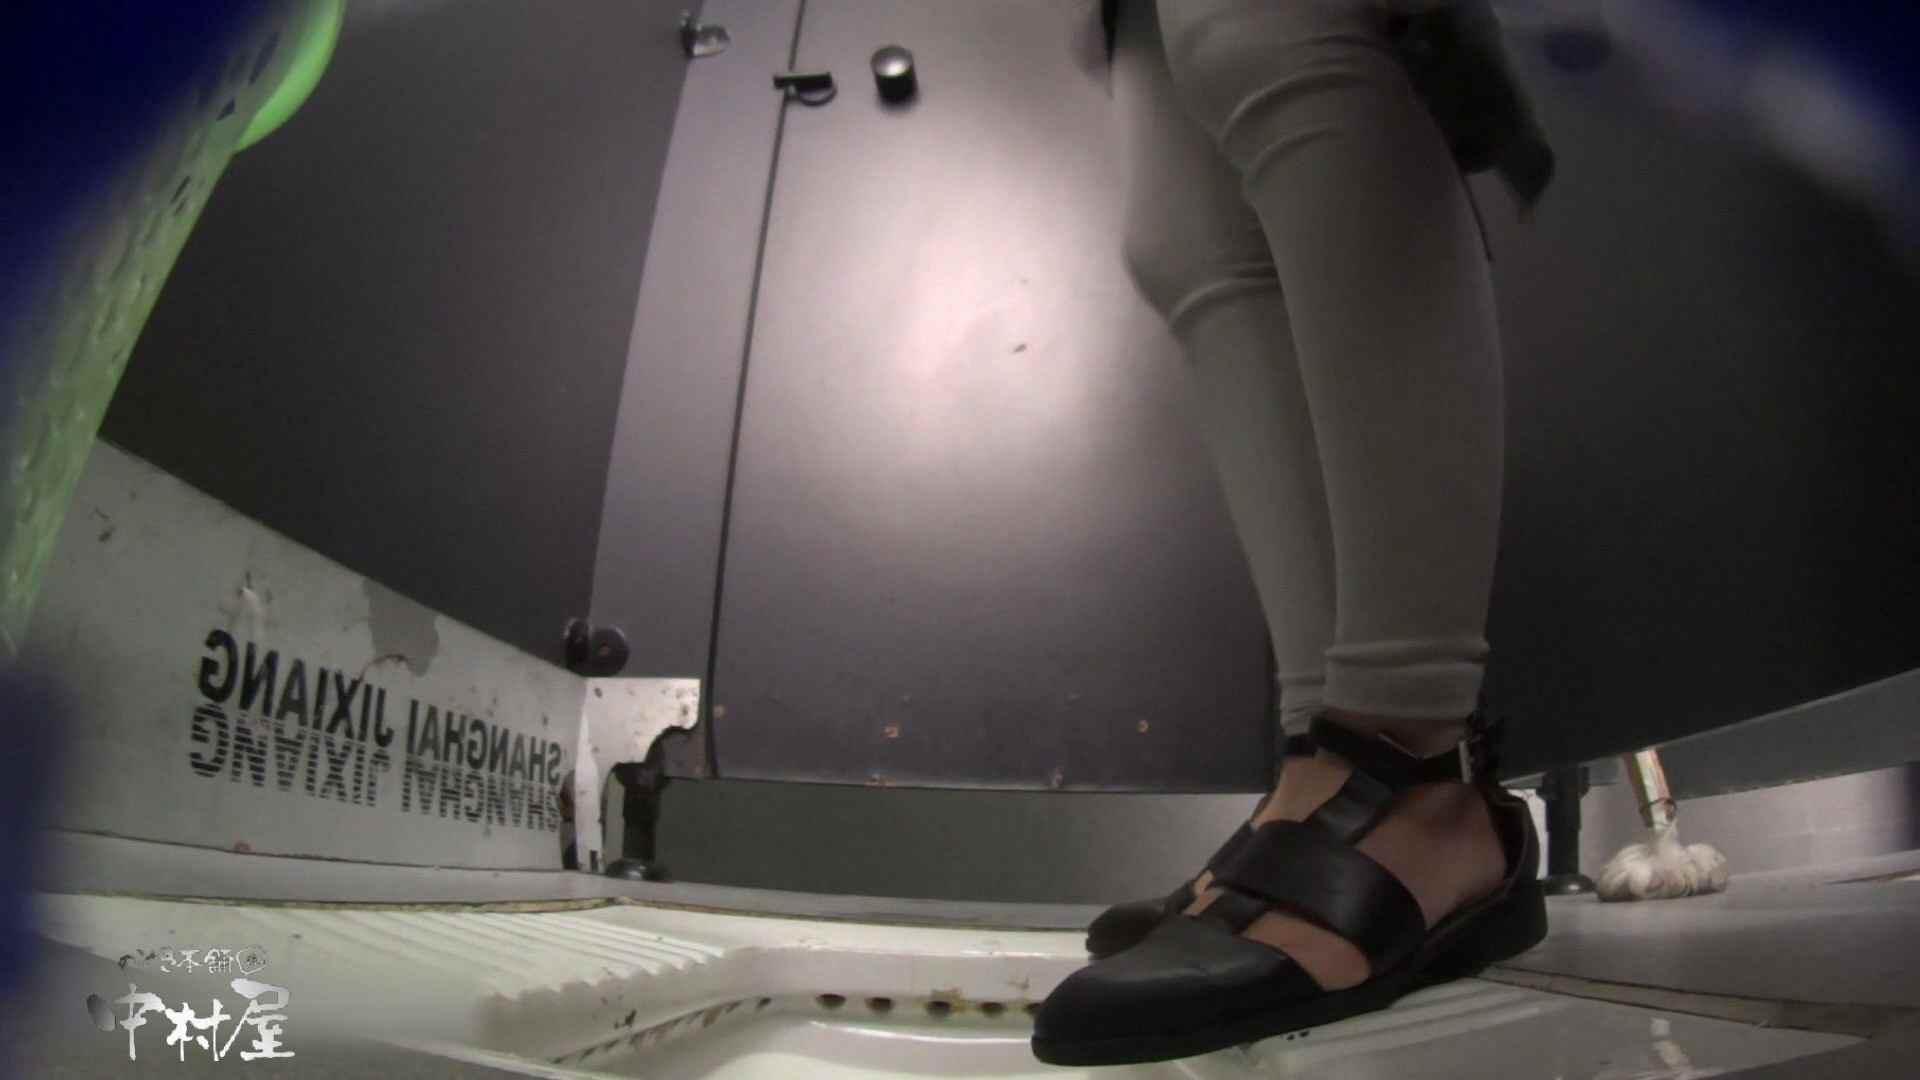 グレースパッツお女市さん 大学休憩時間の洗面所事情31 洗面所編 すけべAV動画紹介 96PIX 46